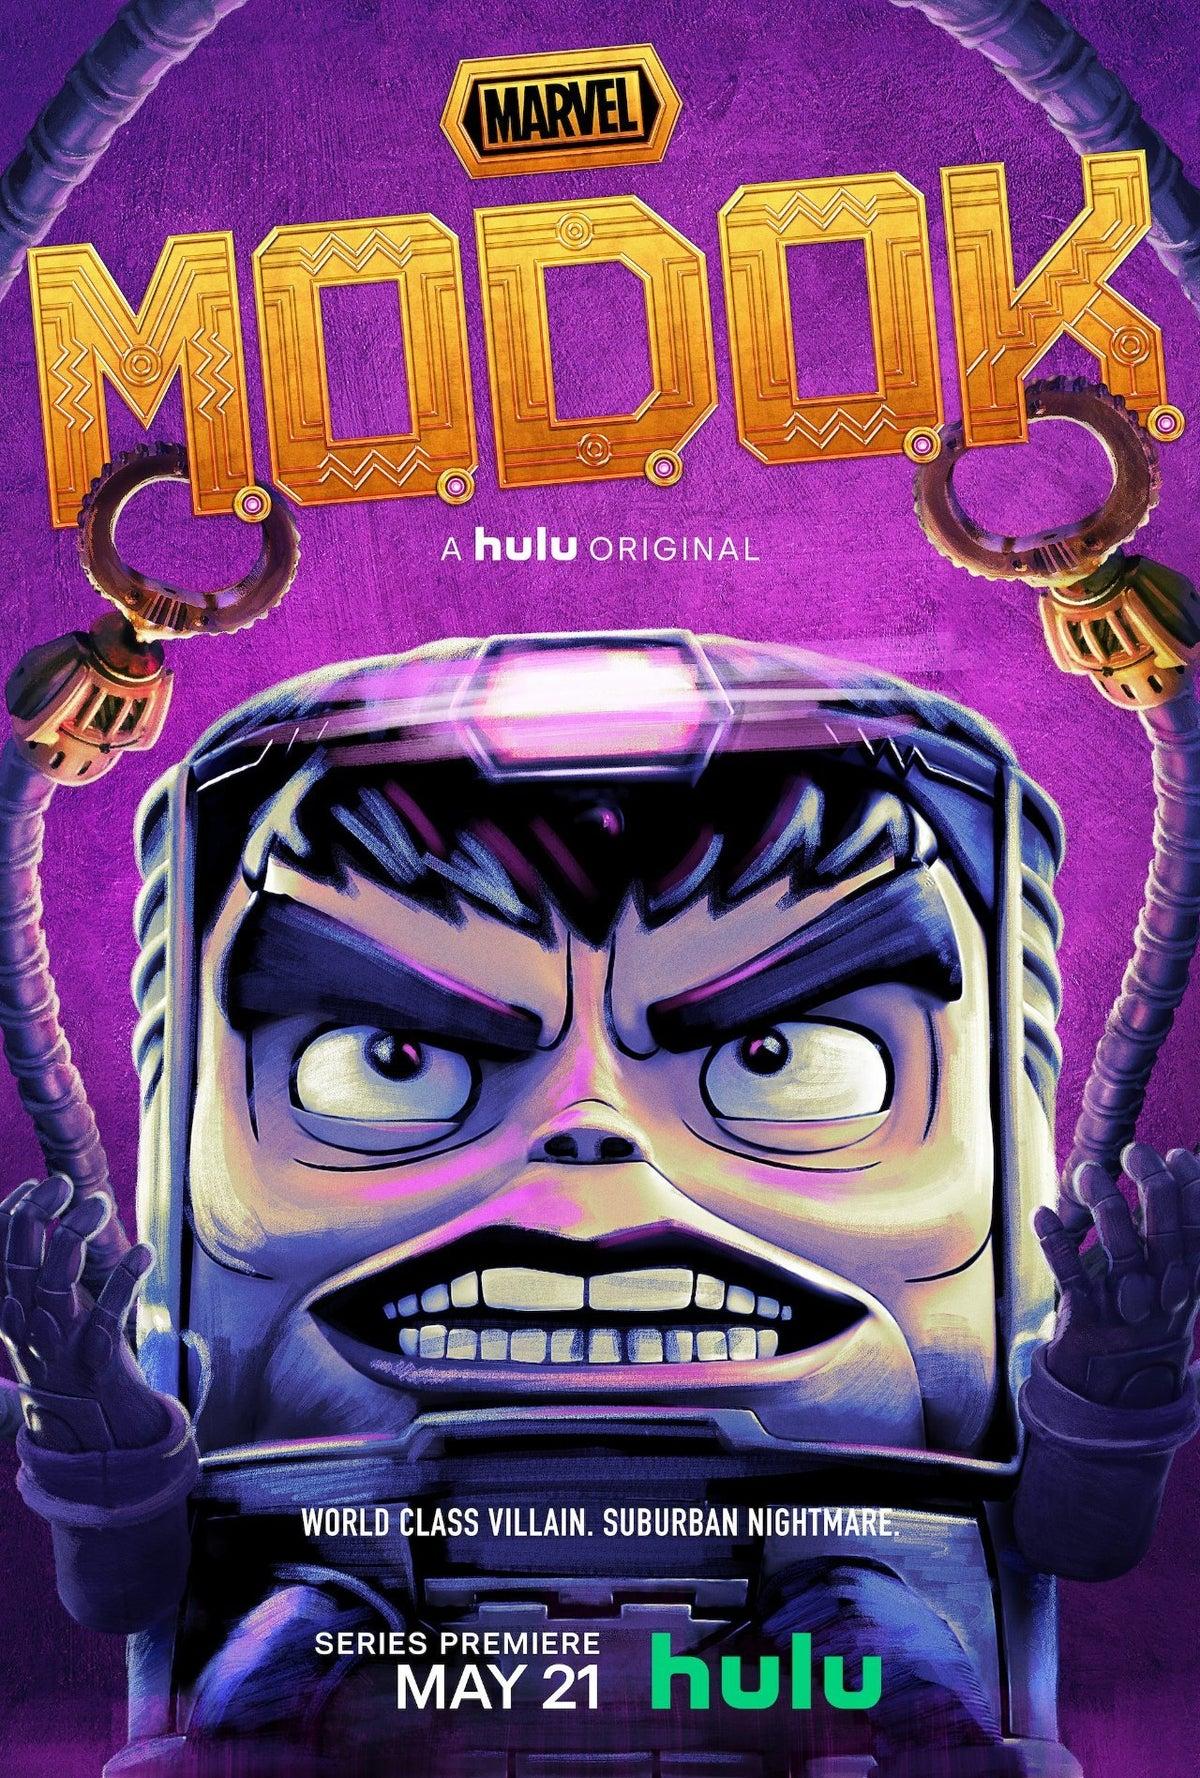 Download Séries M.O.D.O.K. 1ª Temporada Qualidade Hd